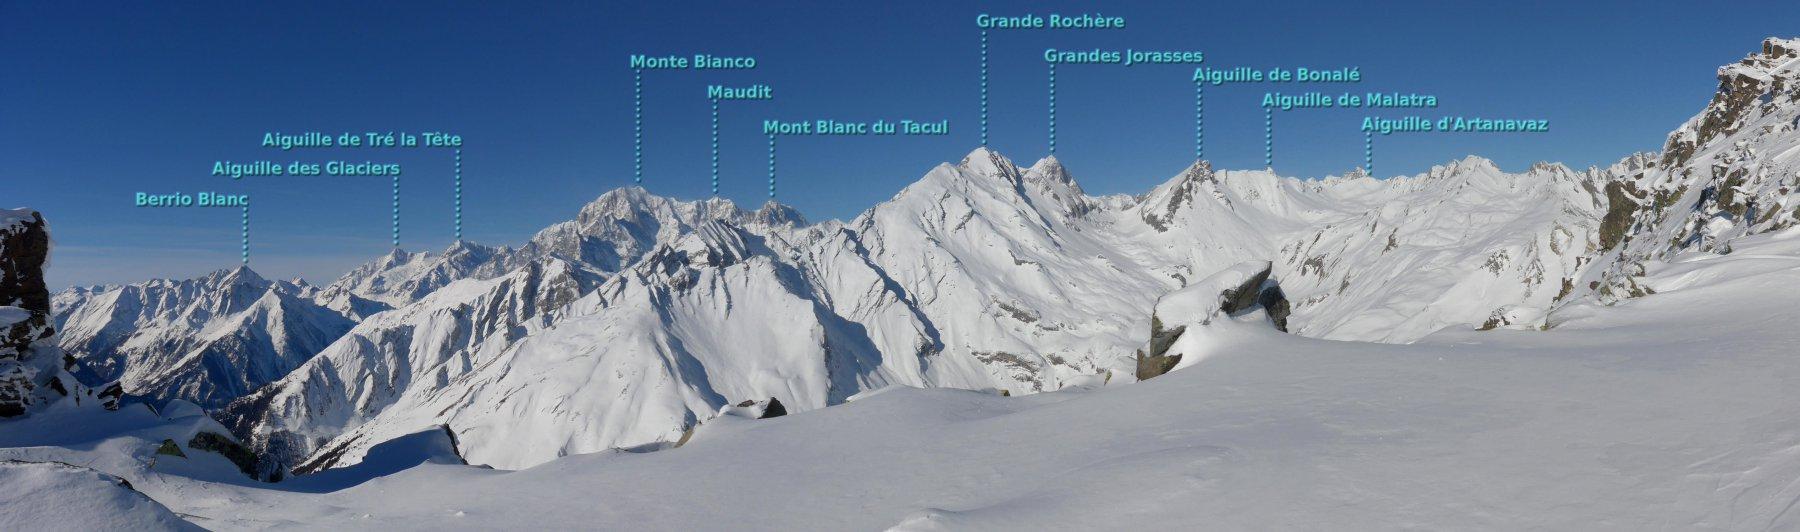 Monte Bianco e dintorni